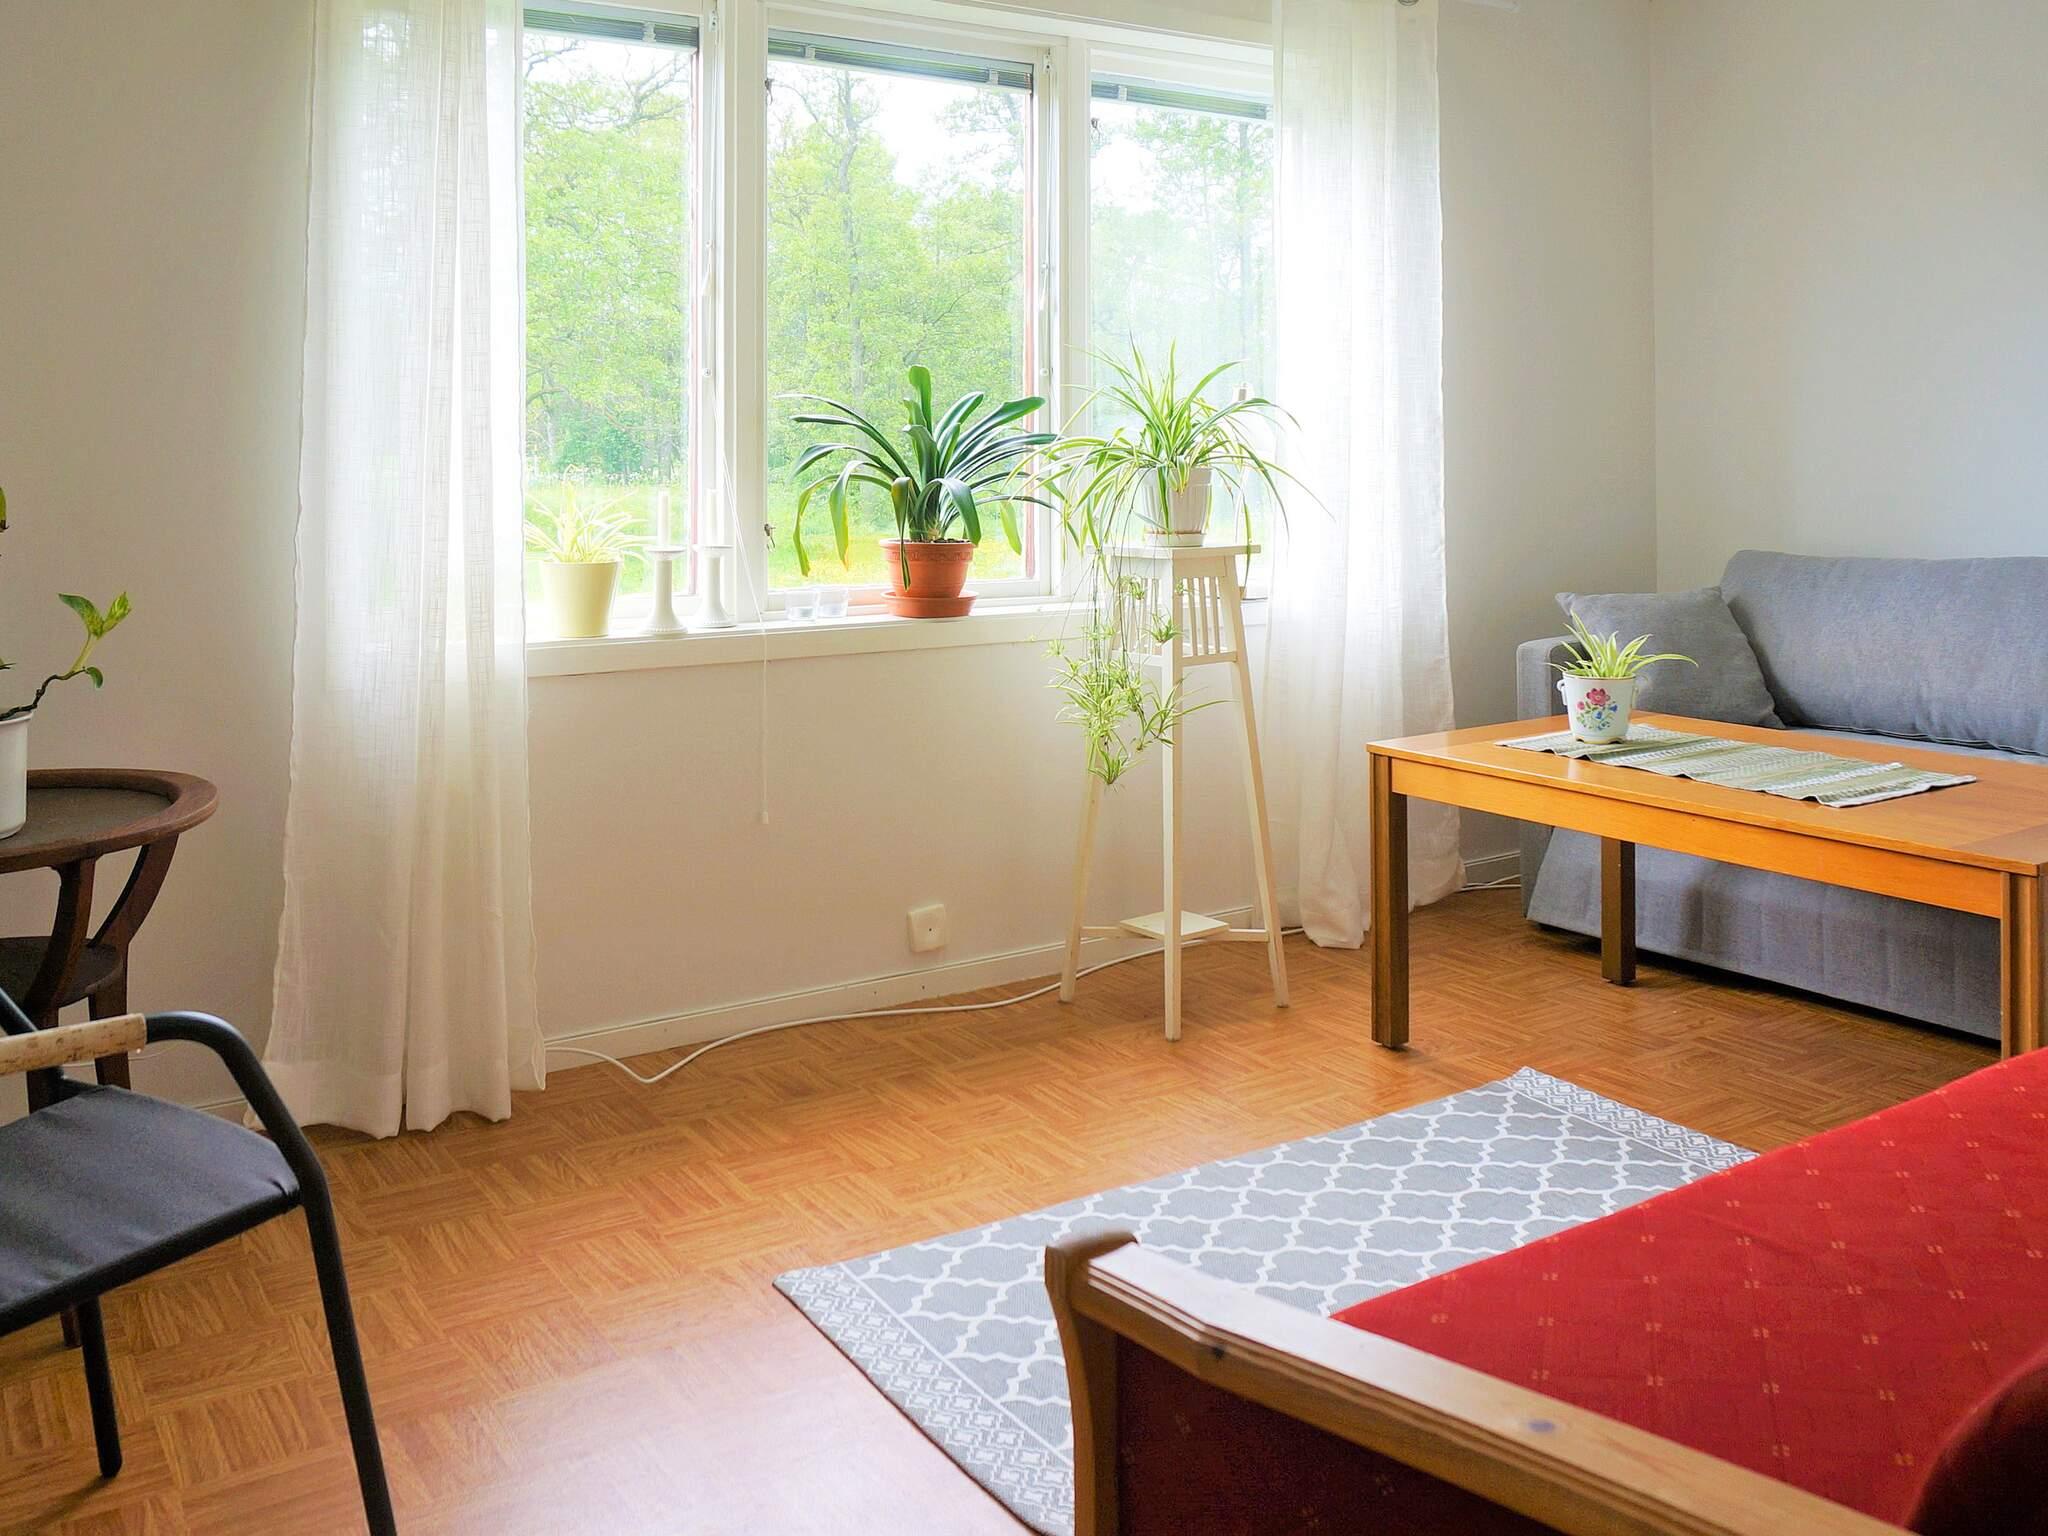 Ferienhaus Lidköping (2633224), Götene, Västra Götaland län, Westschweden, Schweden, Bild 3